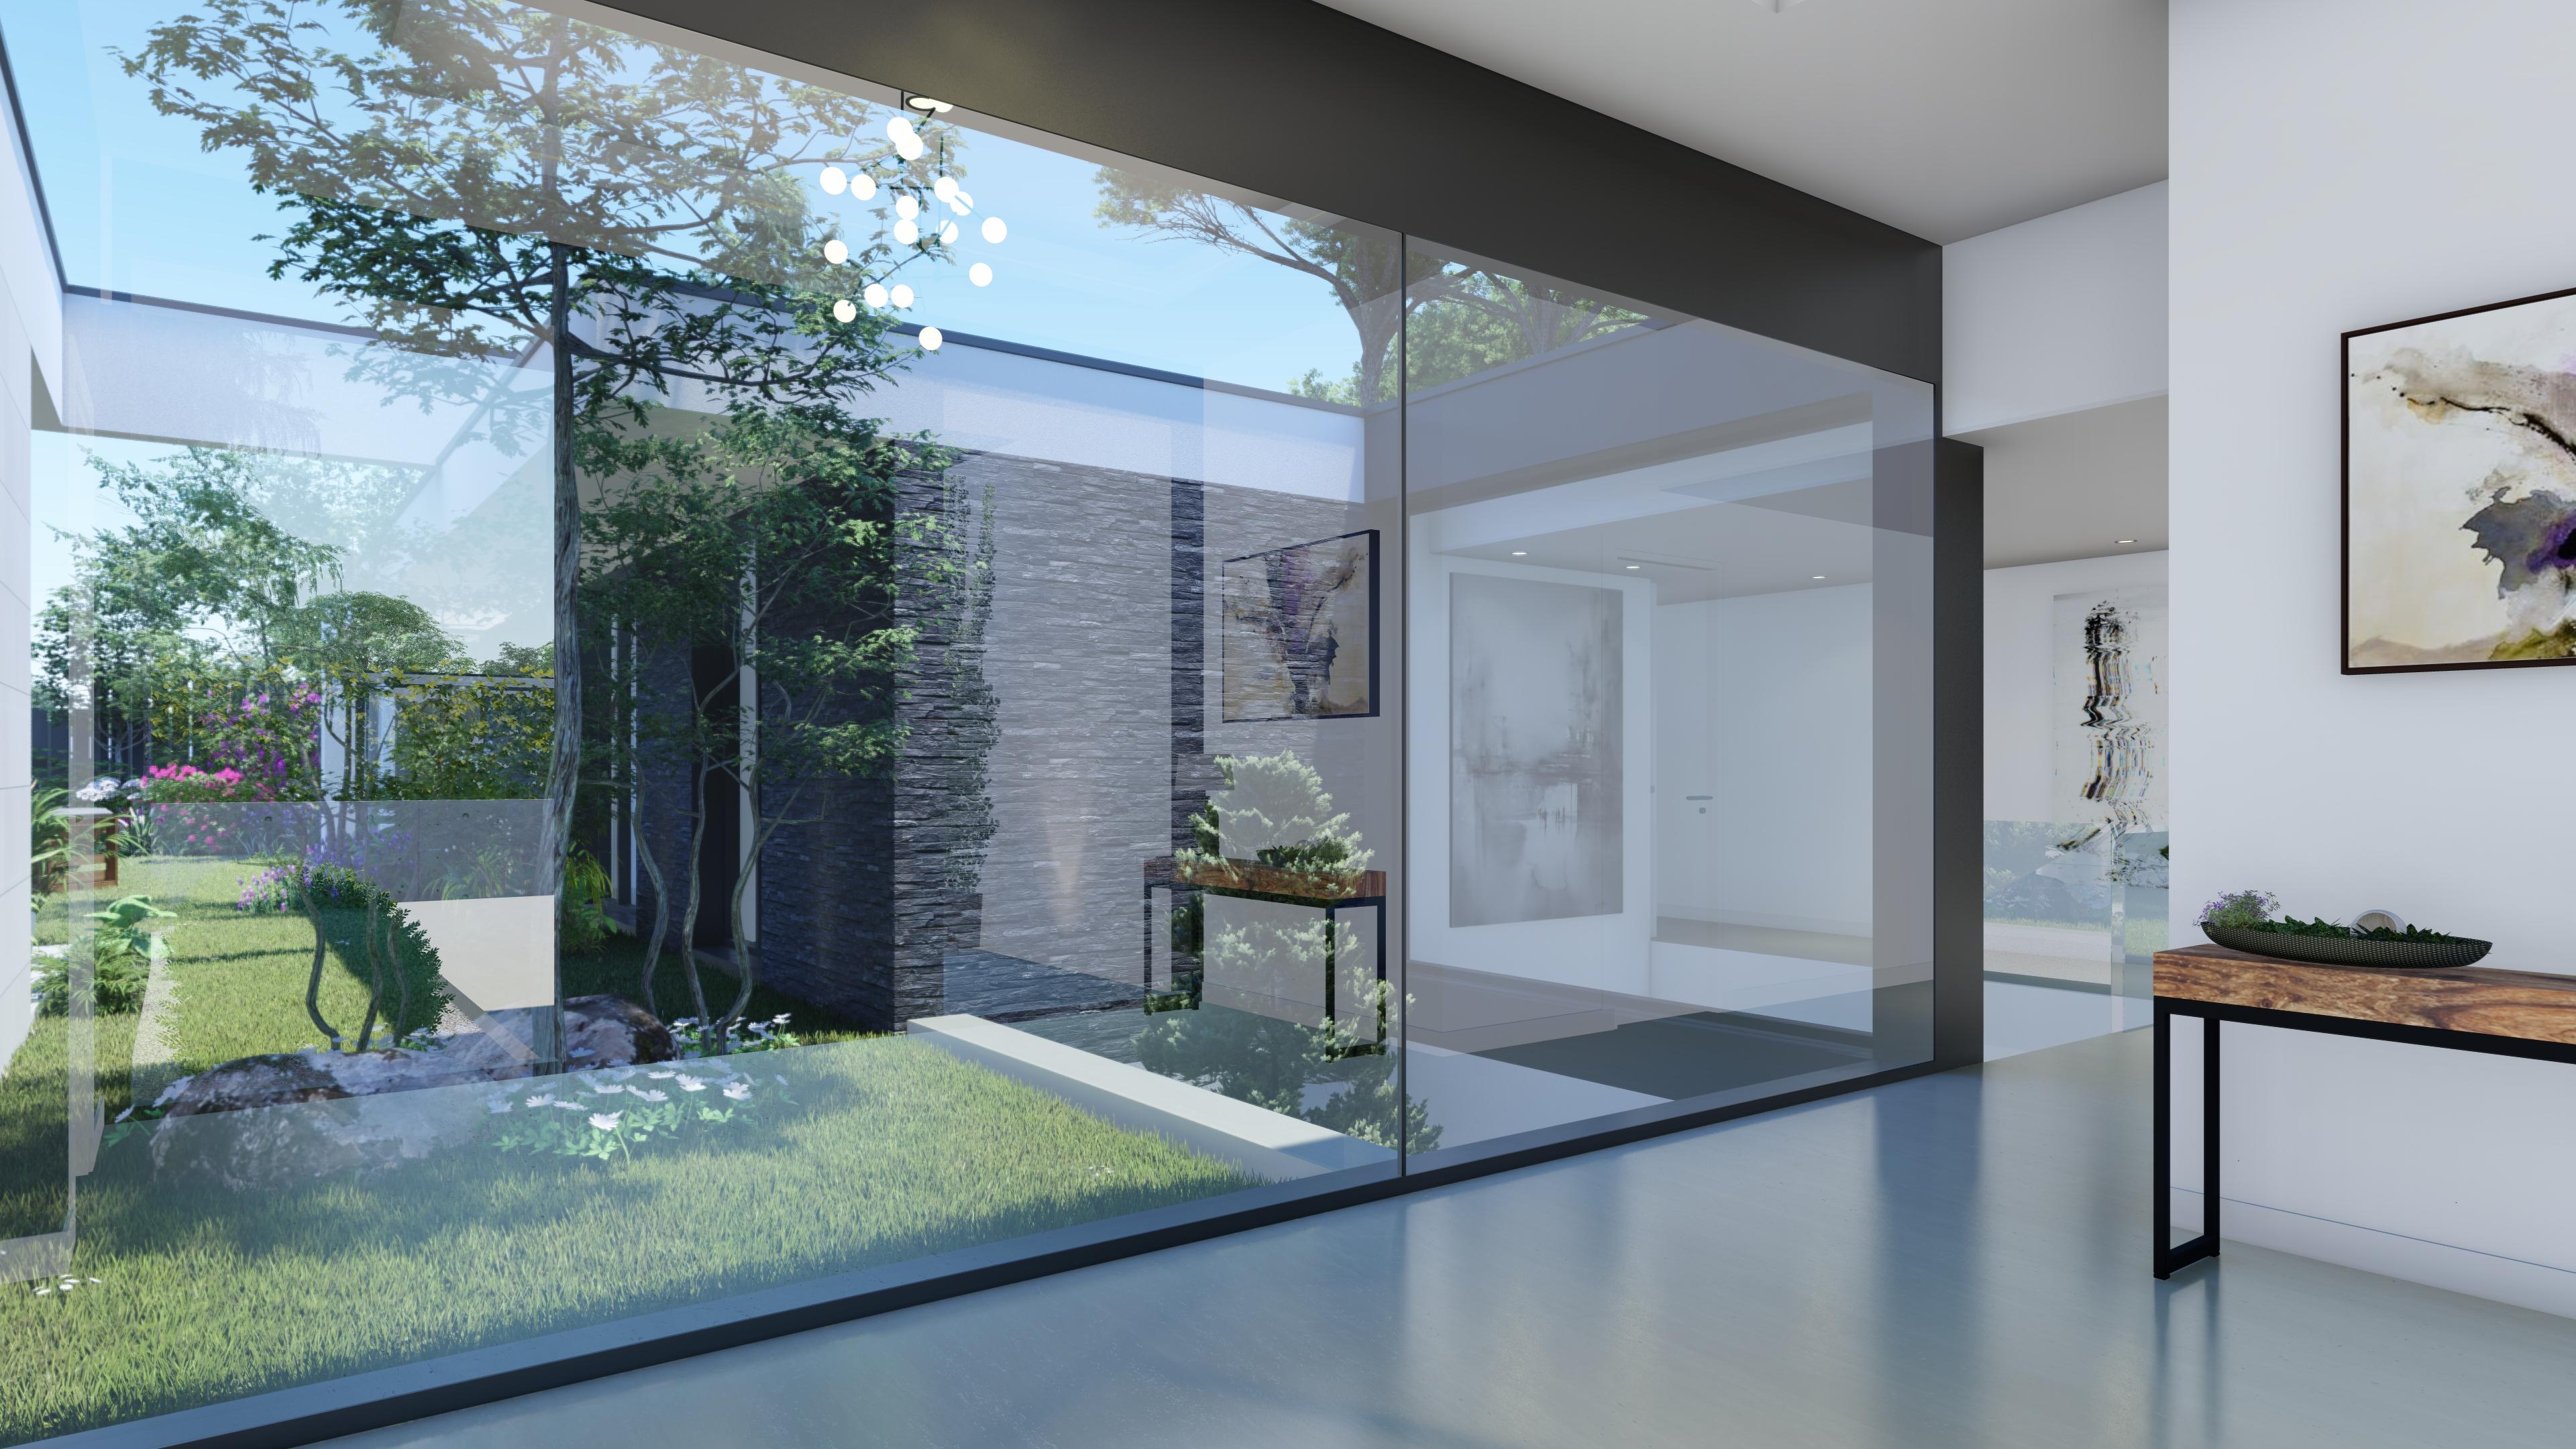 Interior con vistas al jardín. QHOMES9 es un proyecto del estudio de arquitectura FH2L Arquitectos. Conformado por 9 viviendas unifamiliares.